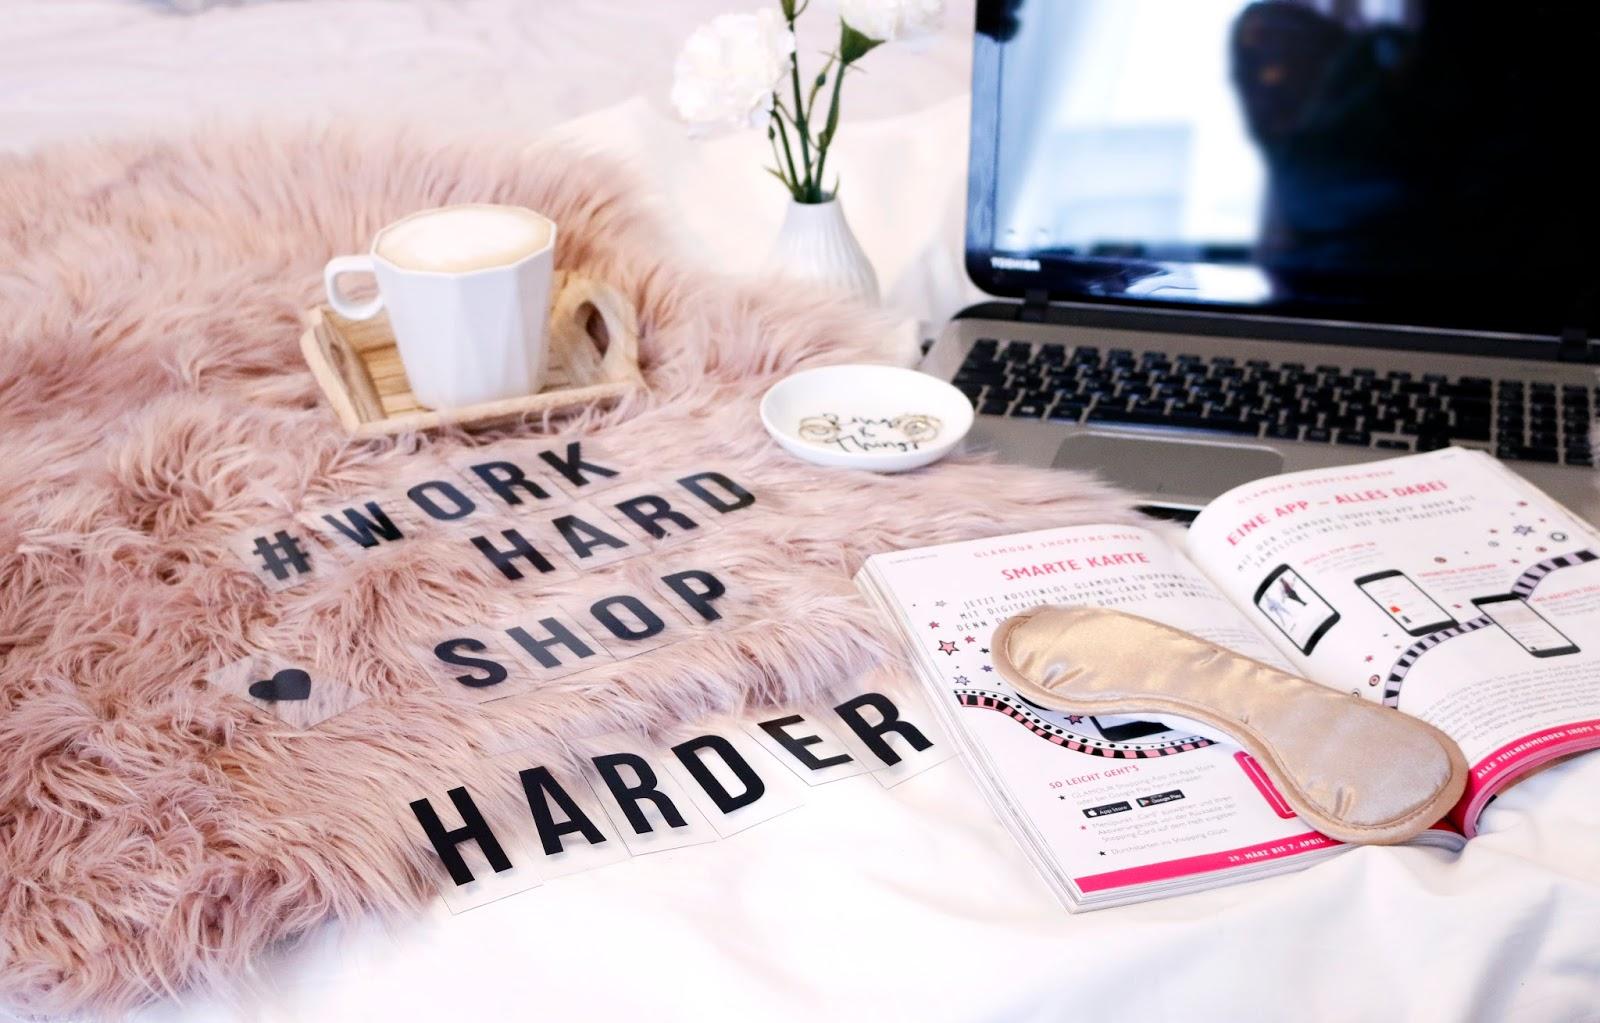 h&m code glamour shopping week